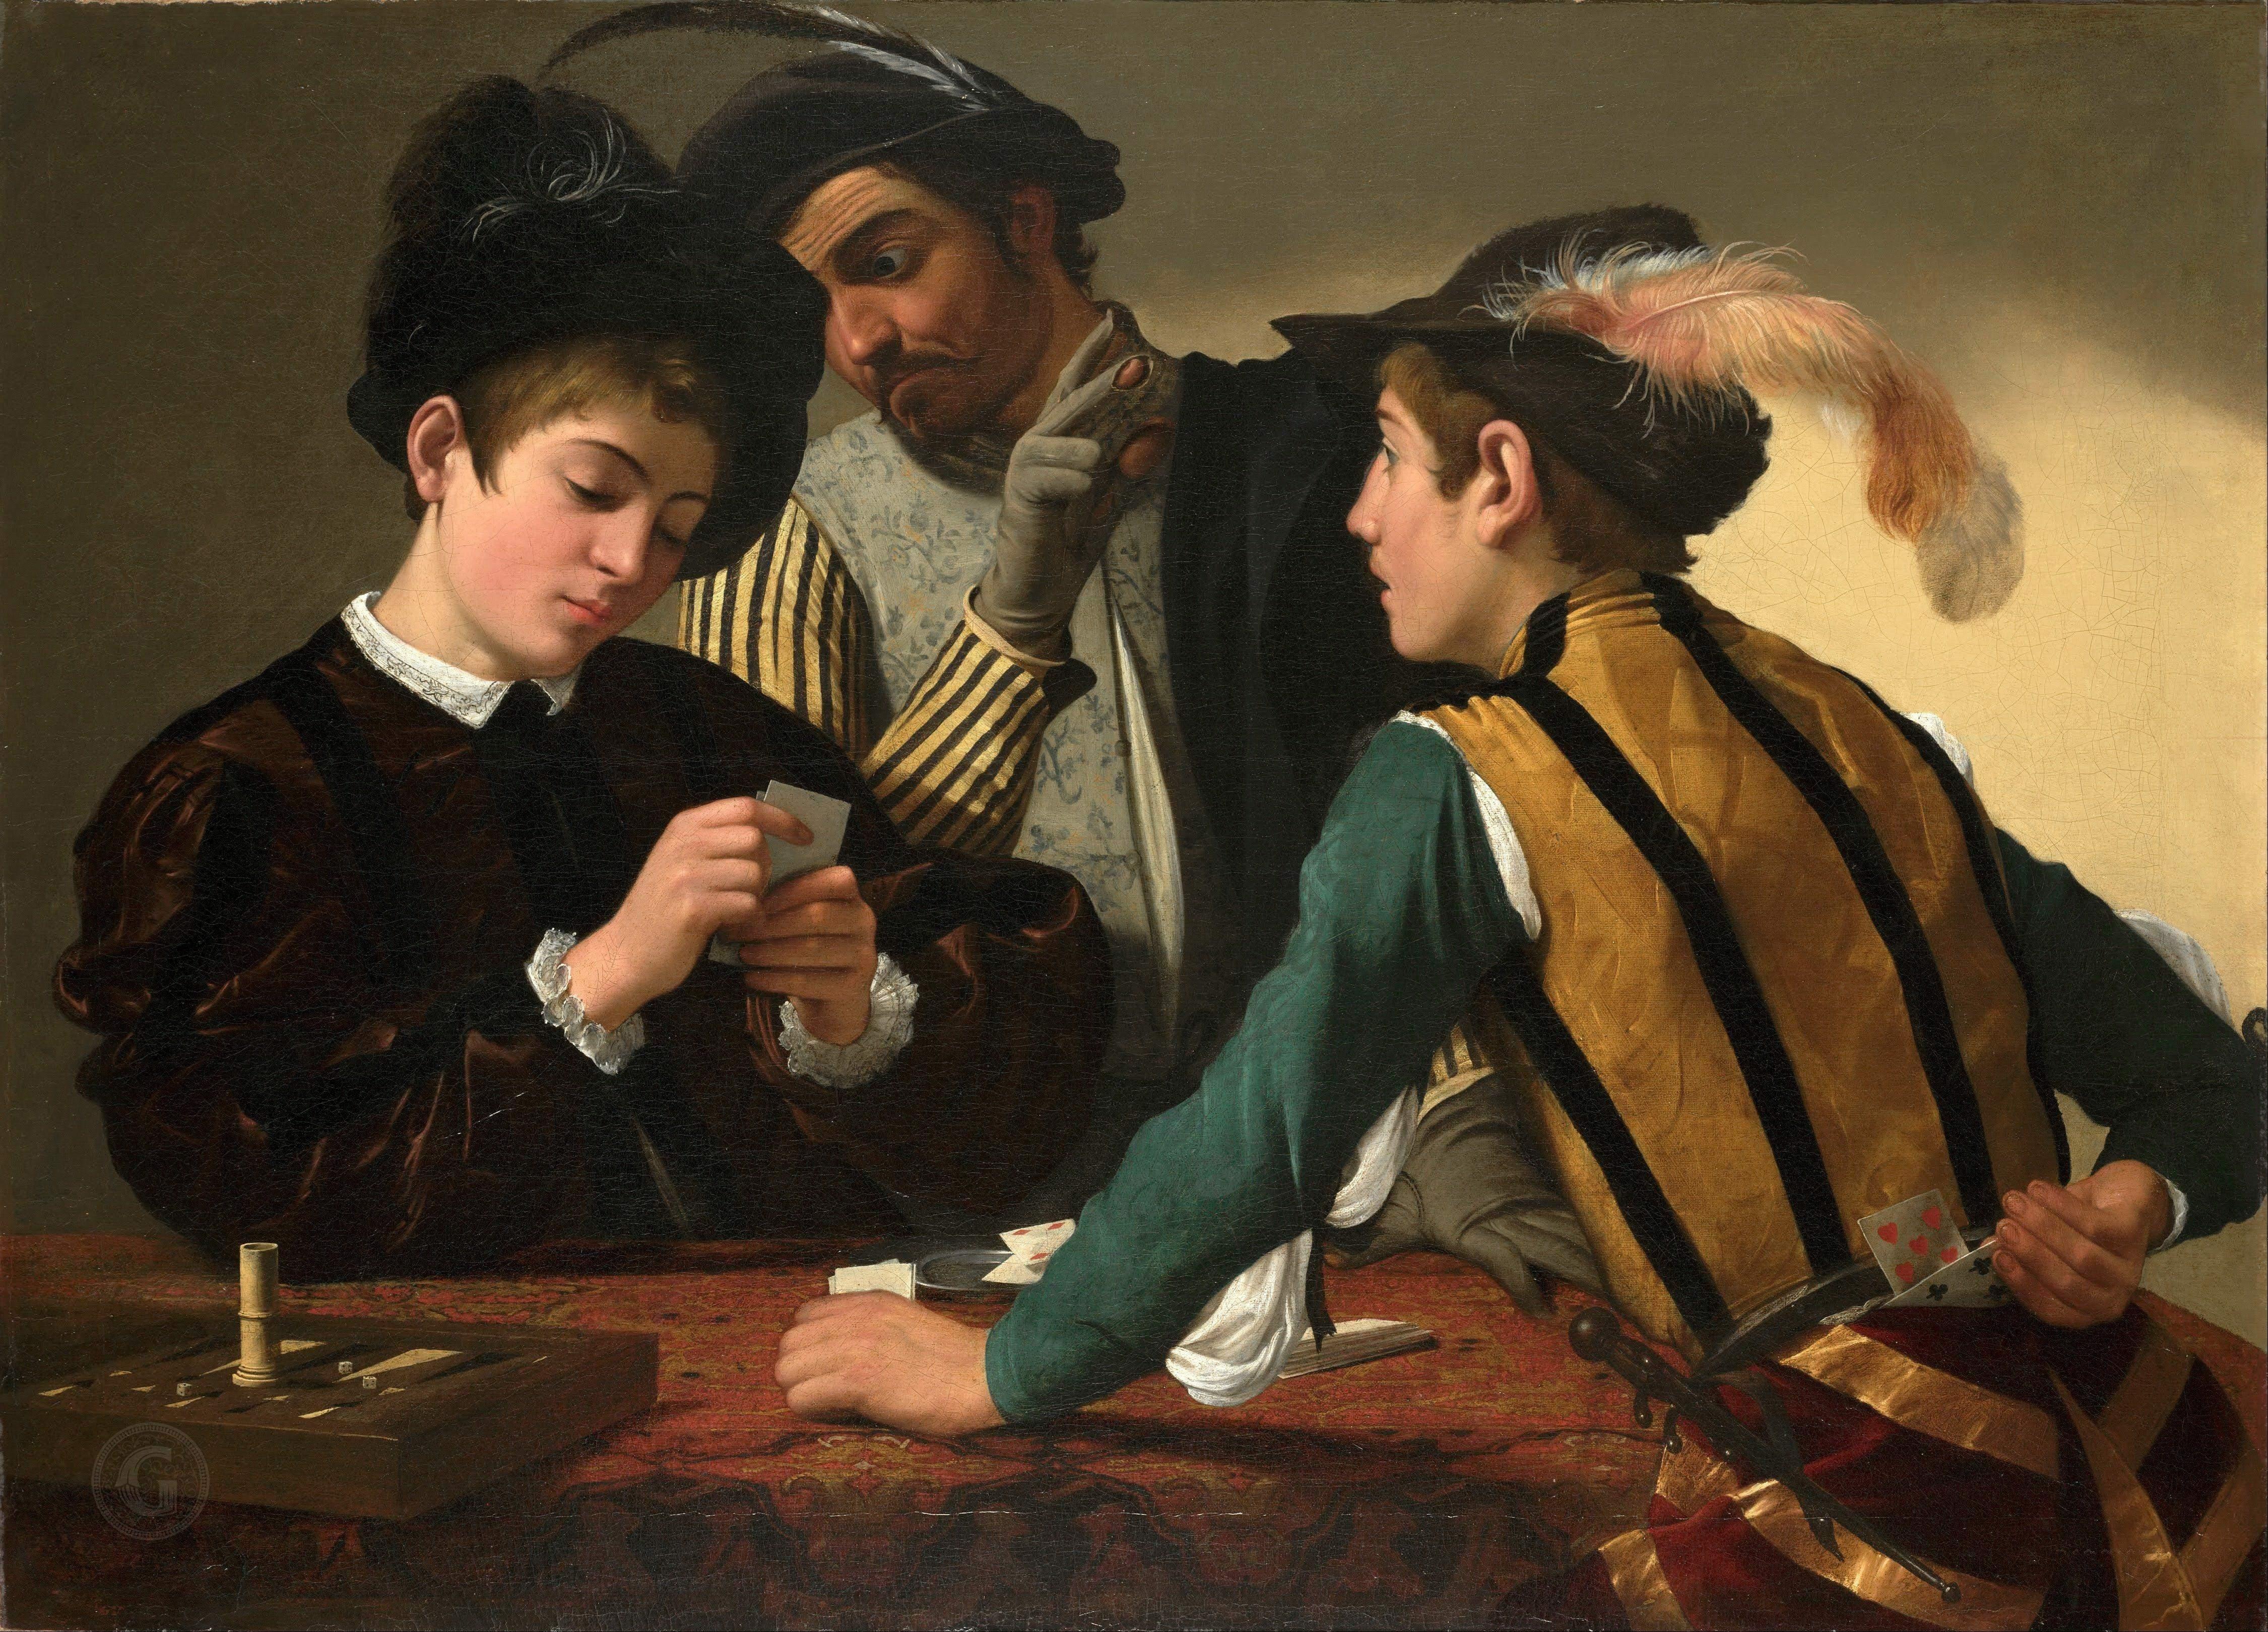 Мистецтво і гемблінг: картини, присвячені азартним іграм